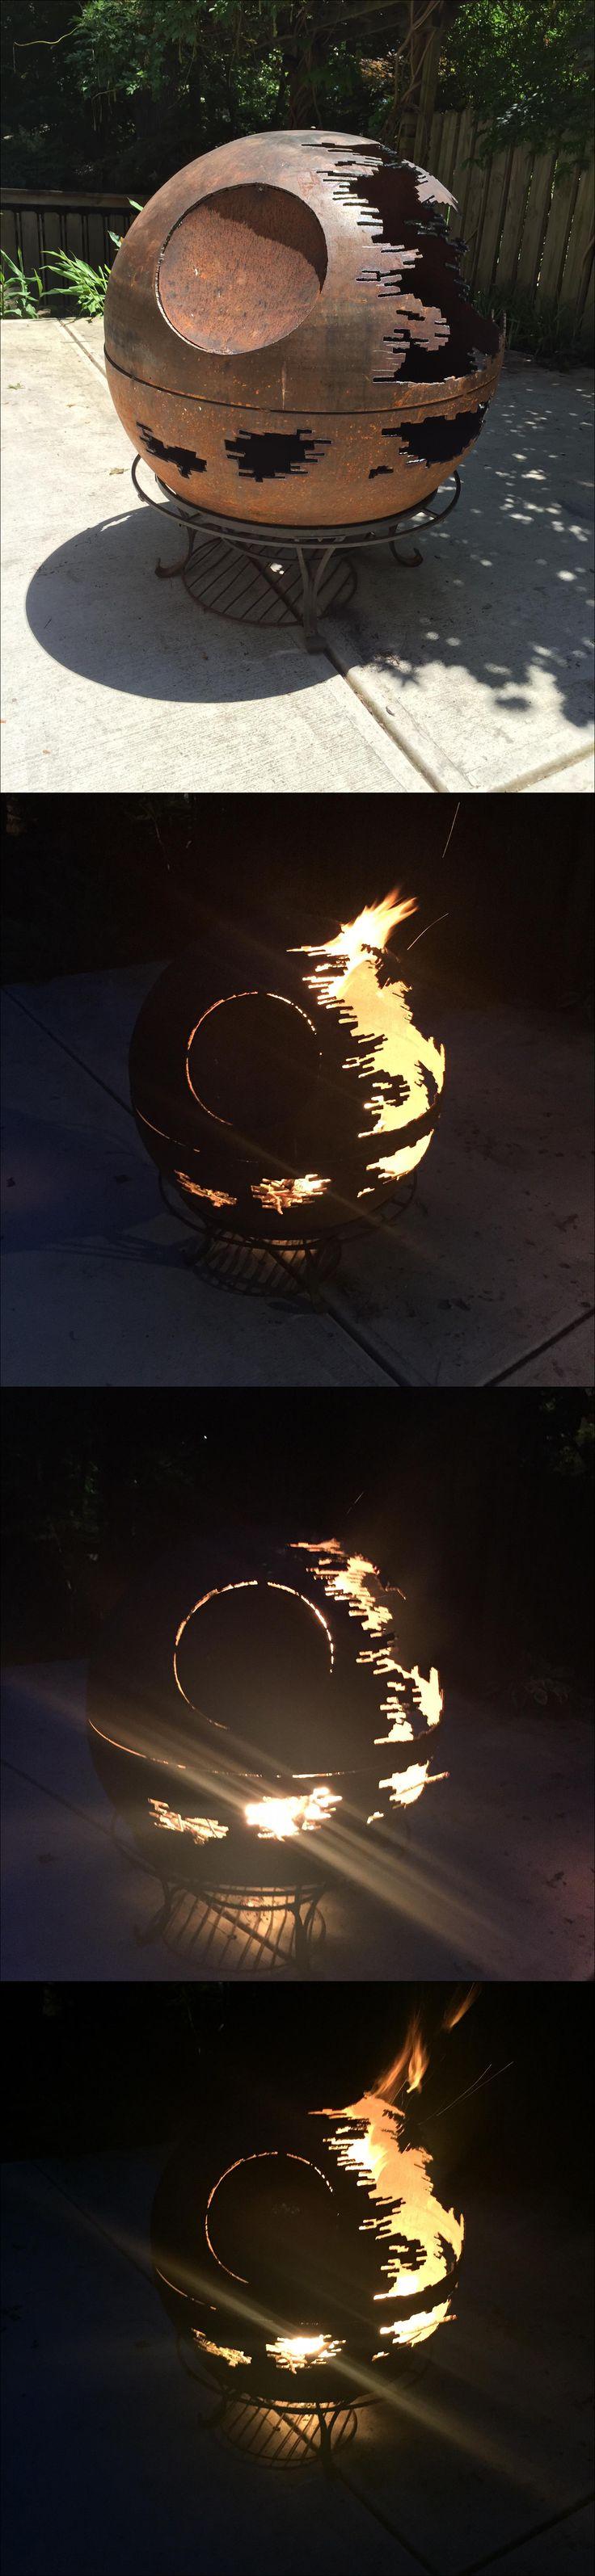 27 best travel fire pit images on pinterest bonfire pits